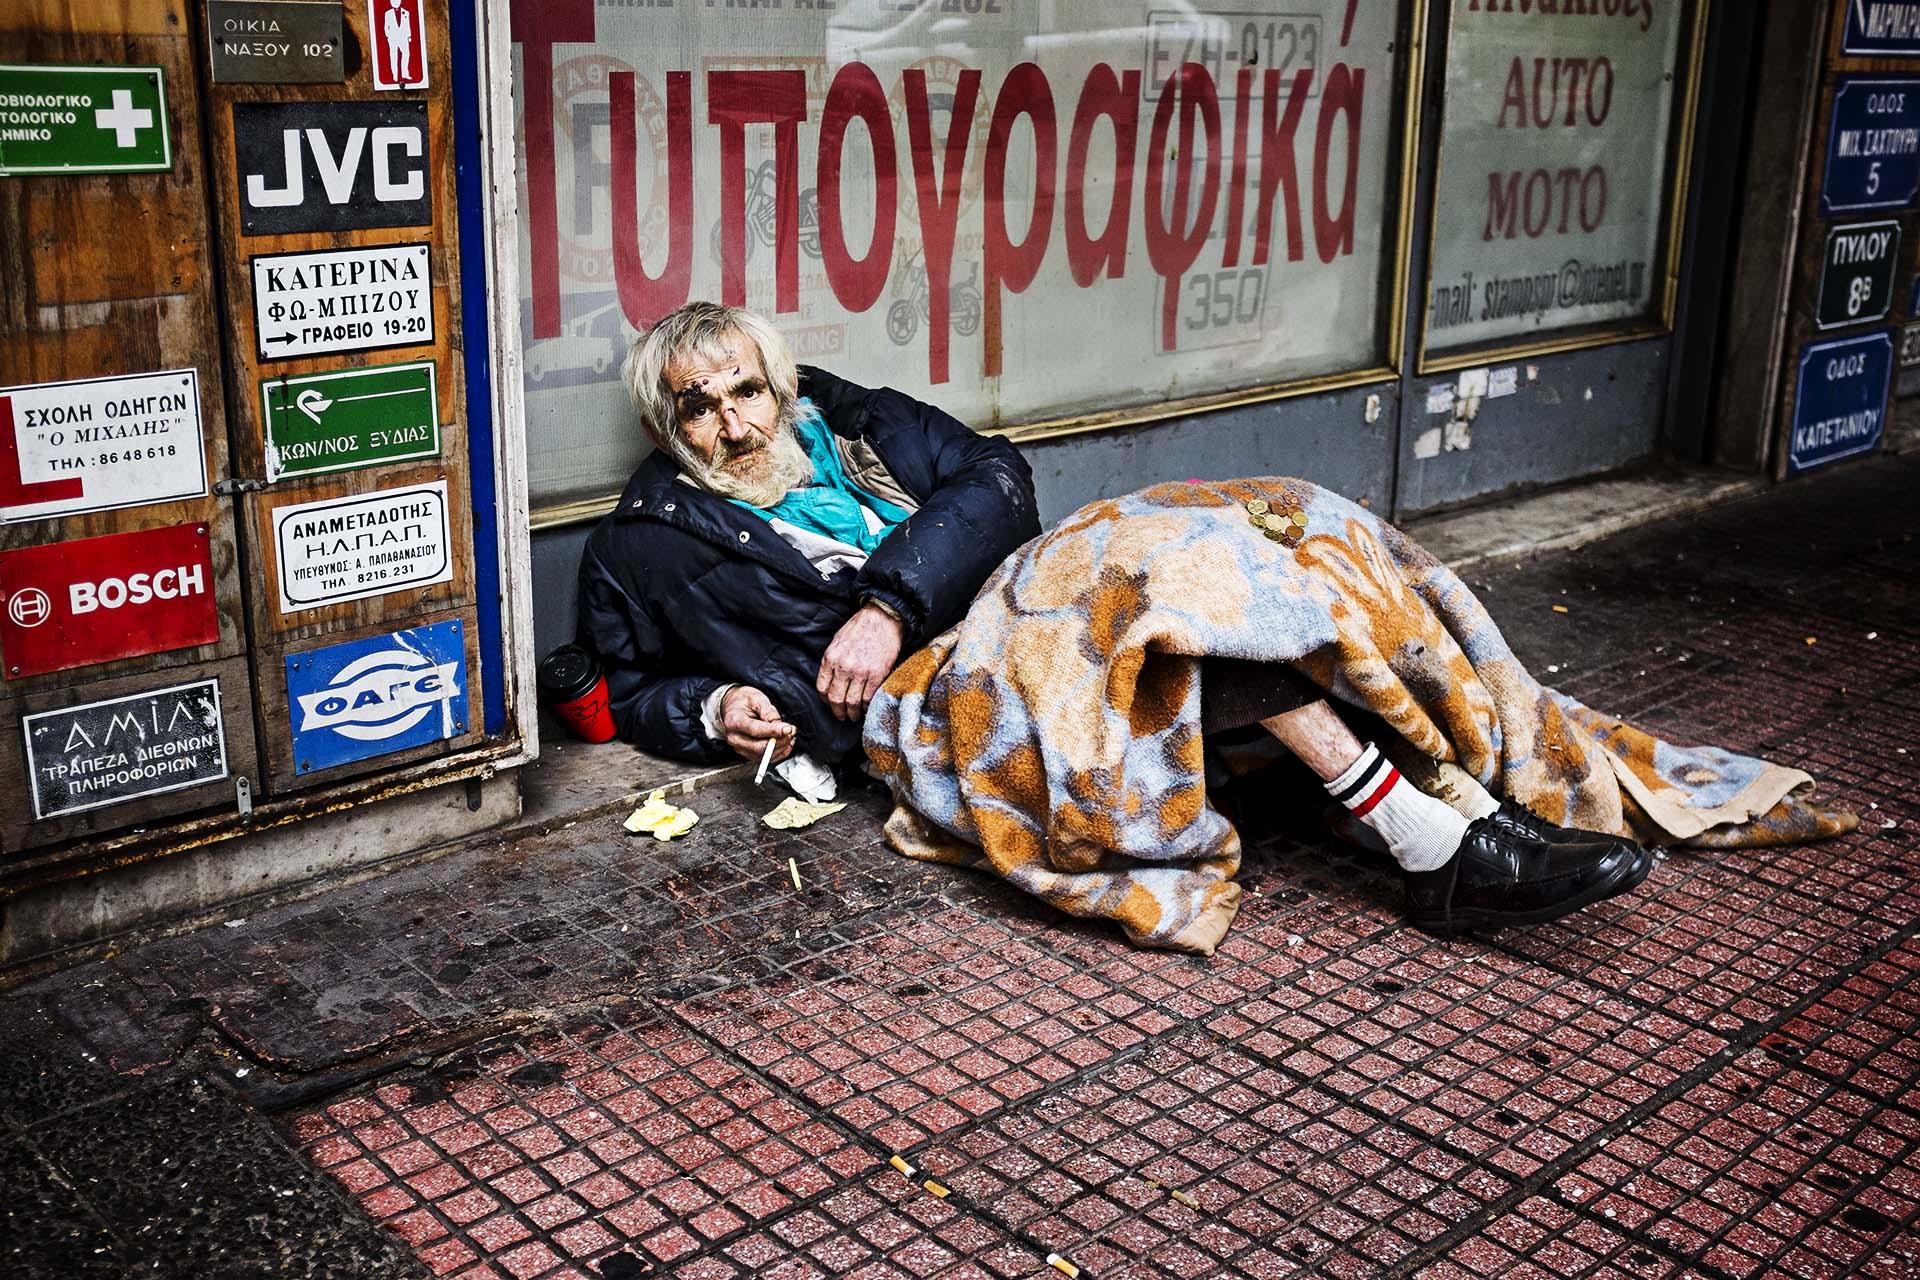 la tasa de población en riesgo de pobreza y exclusión se sitúa en Grecia en el 35,7% (datos oficiales de 2013)